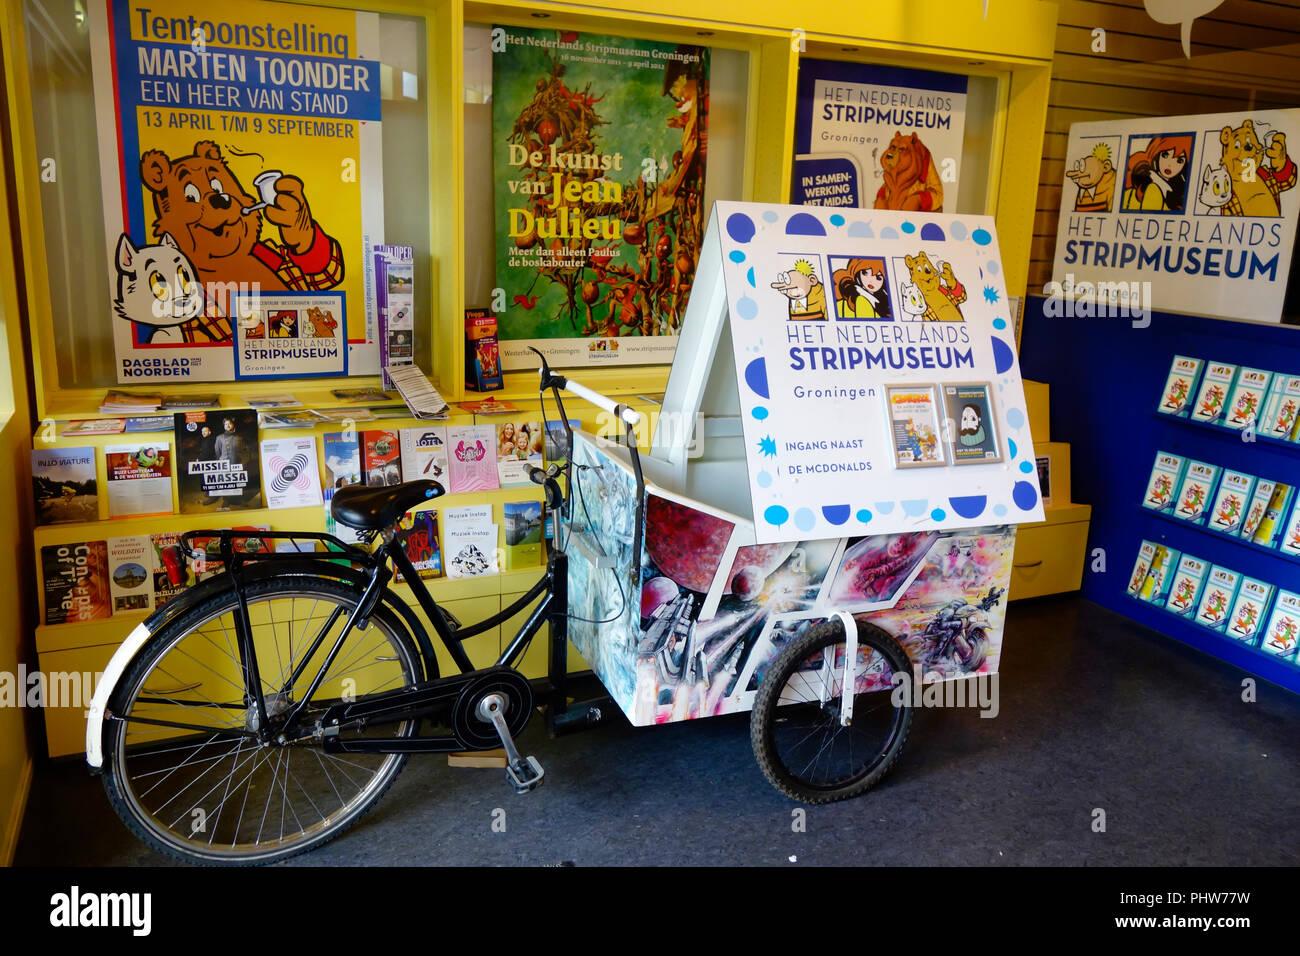 Het Nederlands Stripmuseum, (der Cartoon/Comic Museum) Groningen, Niederlande. Stockbild